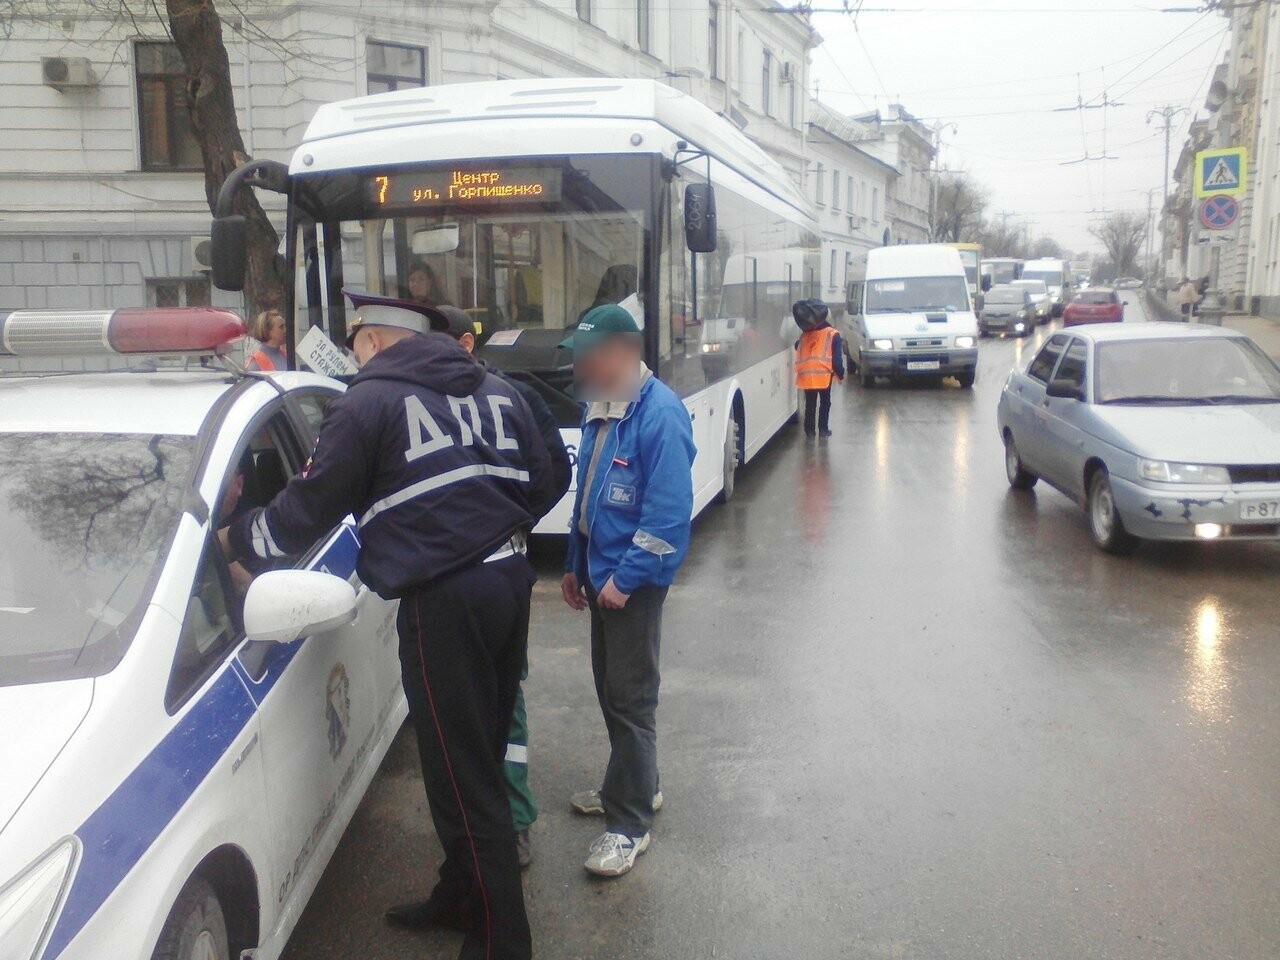 В Севастополе пьяный водитель врезался в троллейбус и пытался скрыться с места преступления